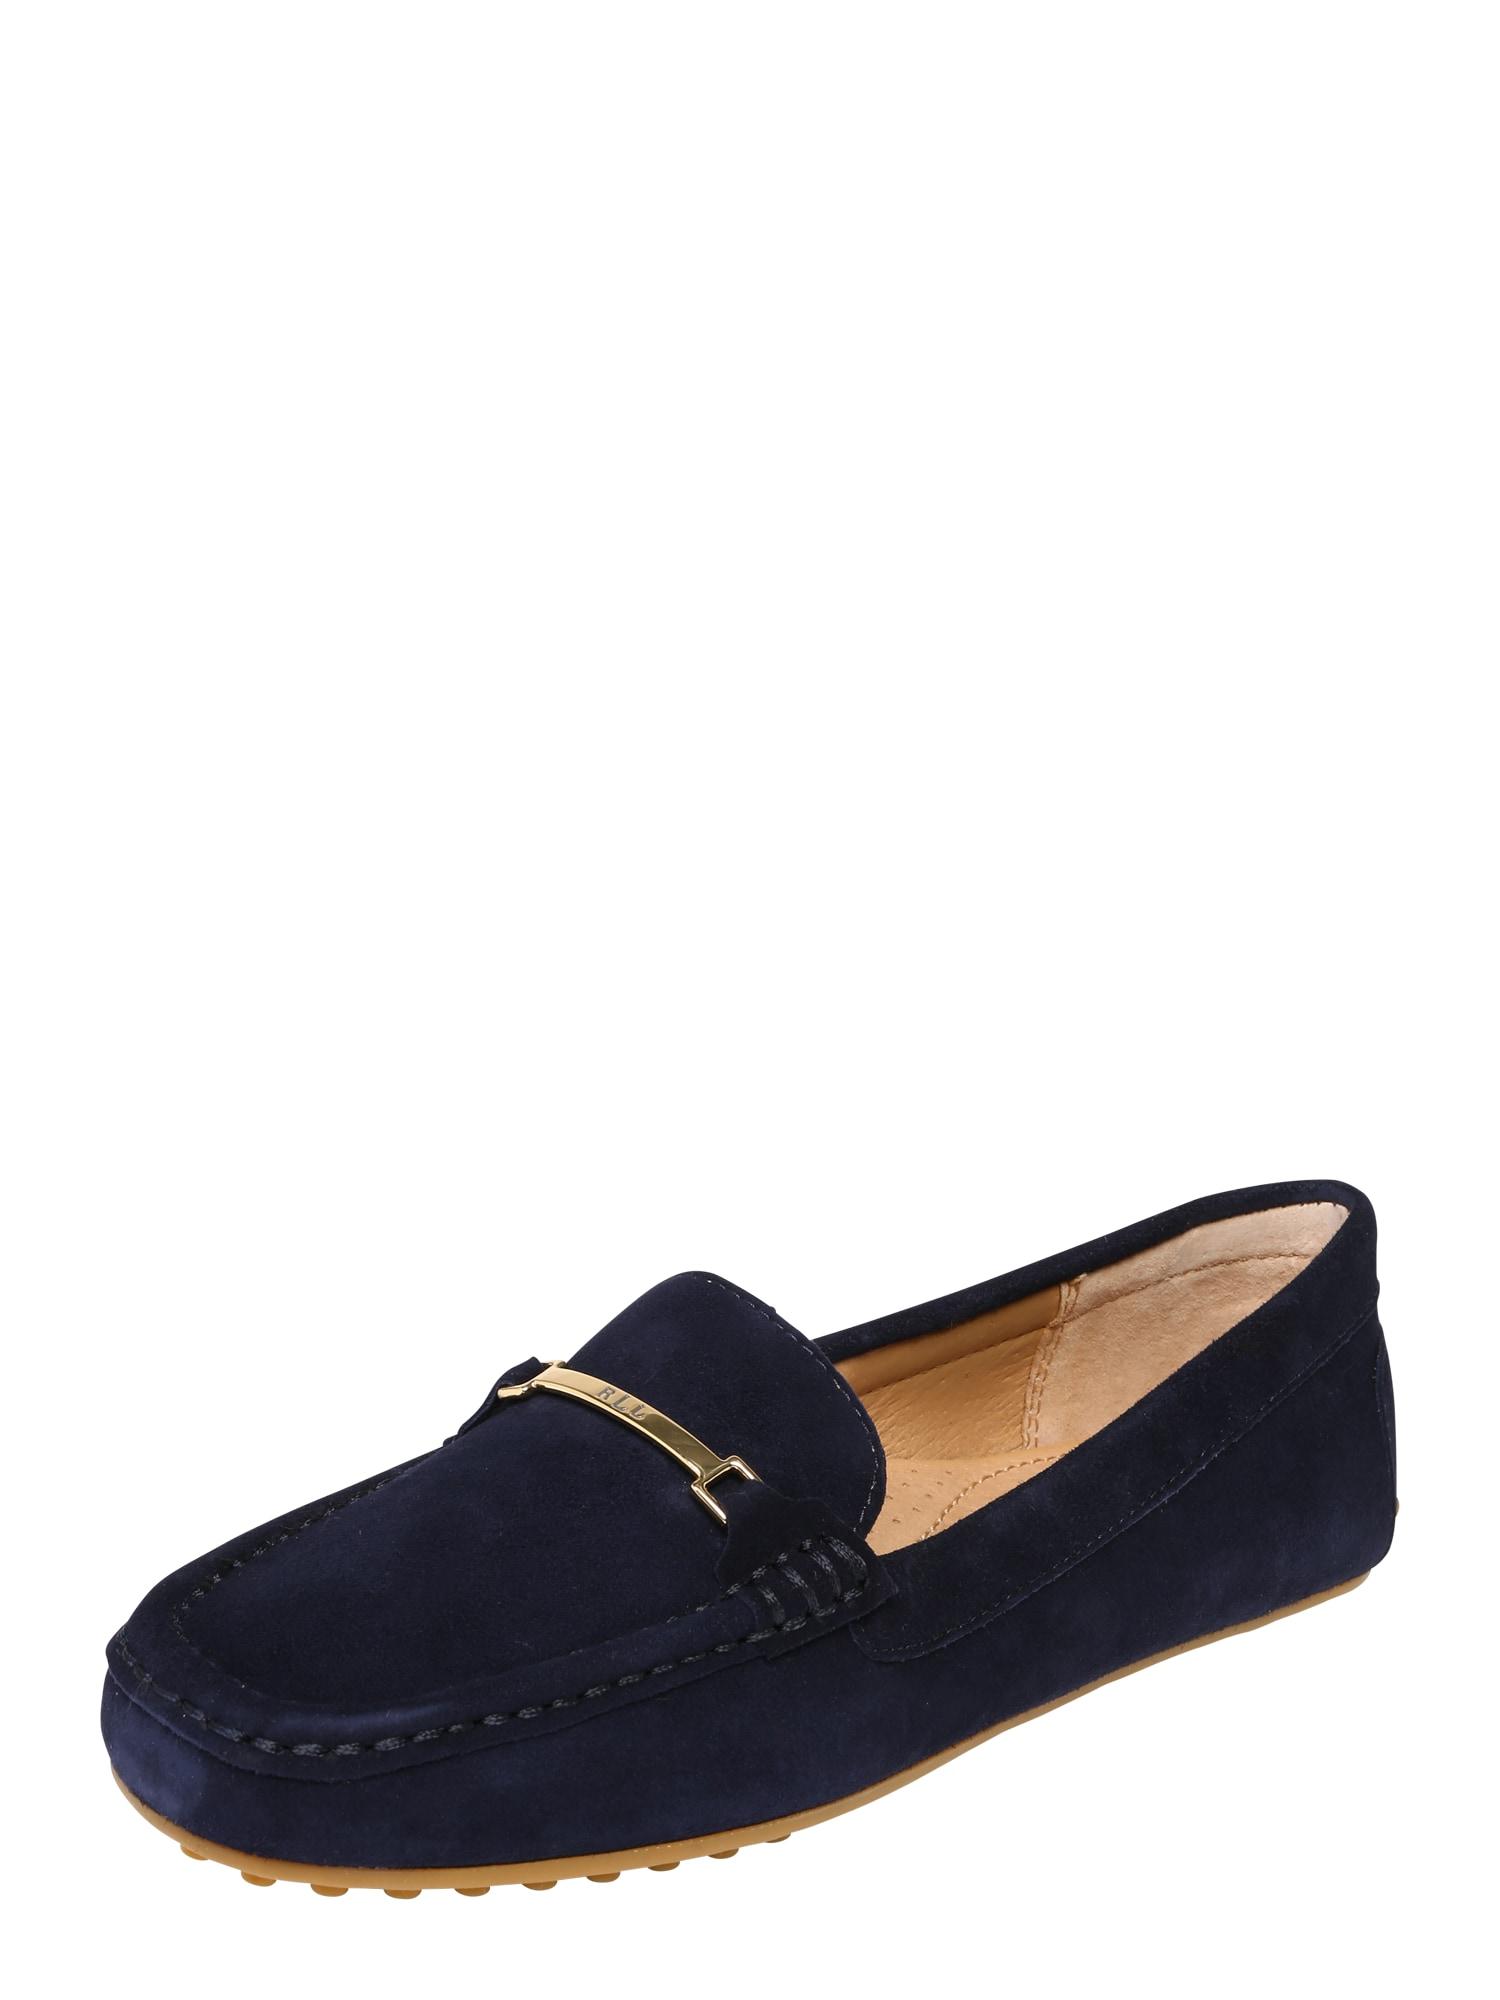 Slipper BRIONY-FLATS-CASUAL námořnická modř Lauren Ralph Lauren